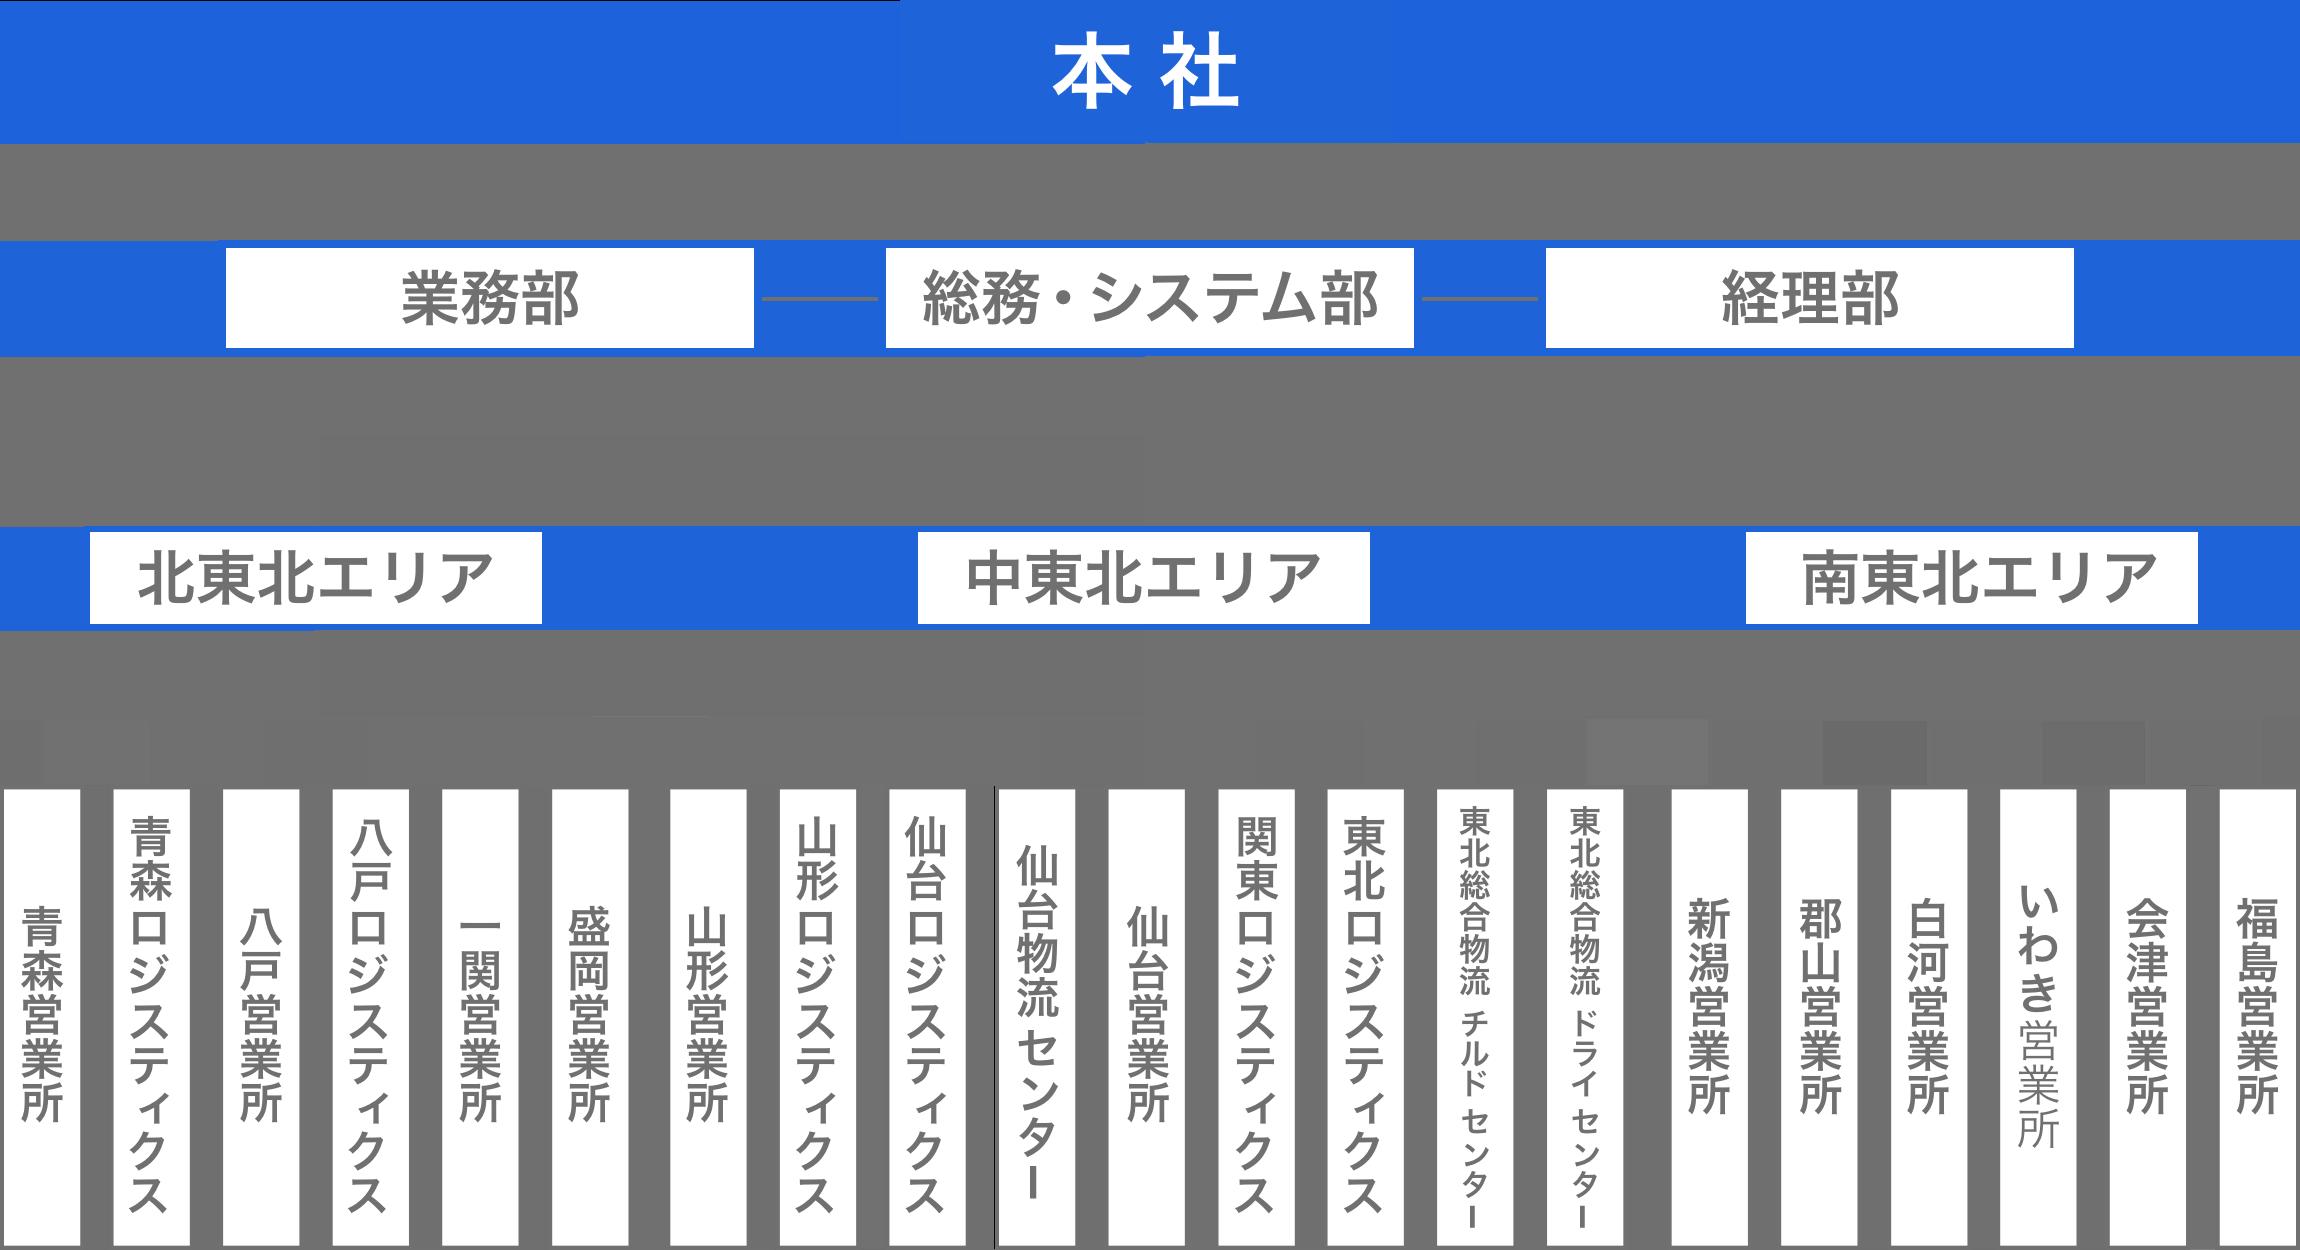 ビー・アイ運送 組織図